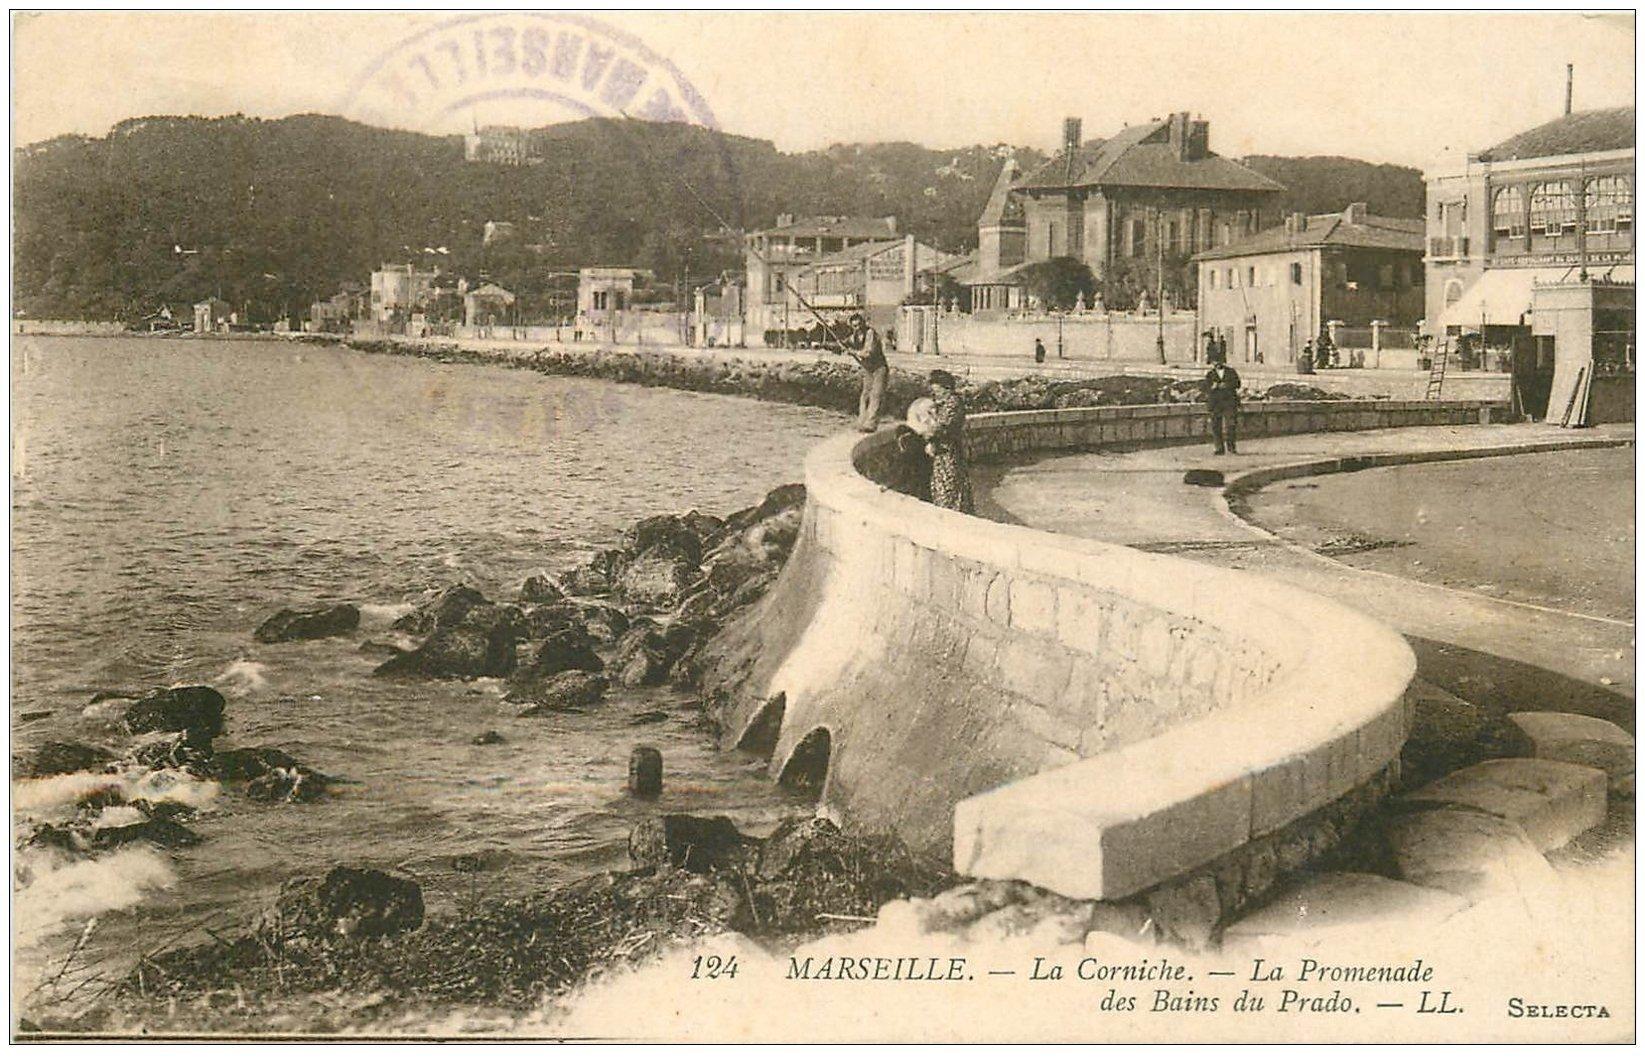 13 MARSEILLE. La Corniche Bains Prado 1915